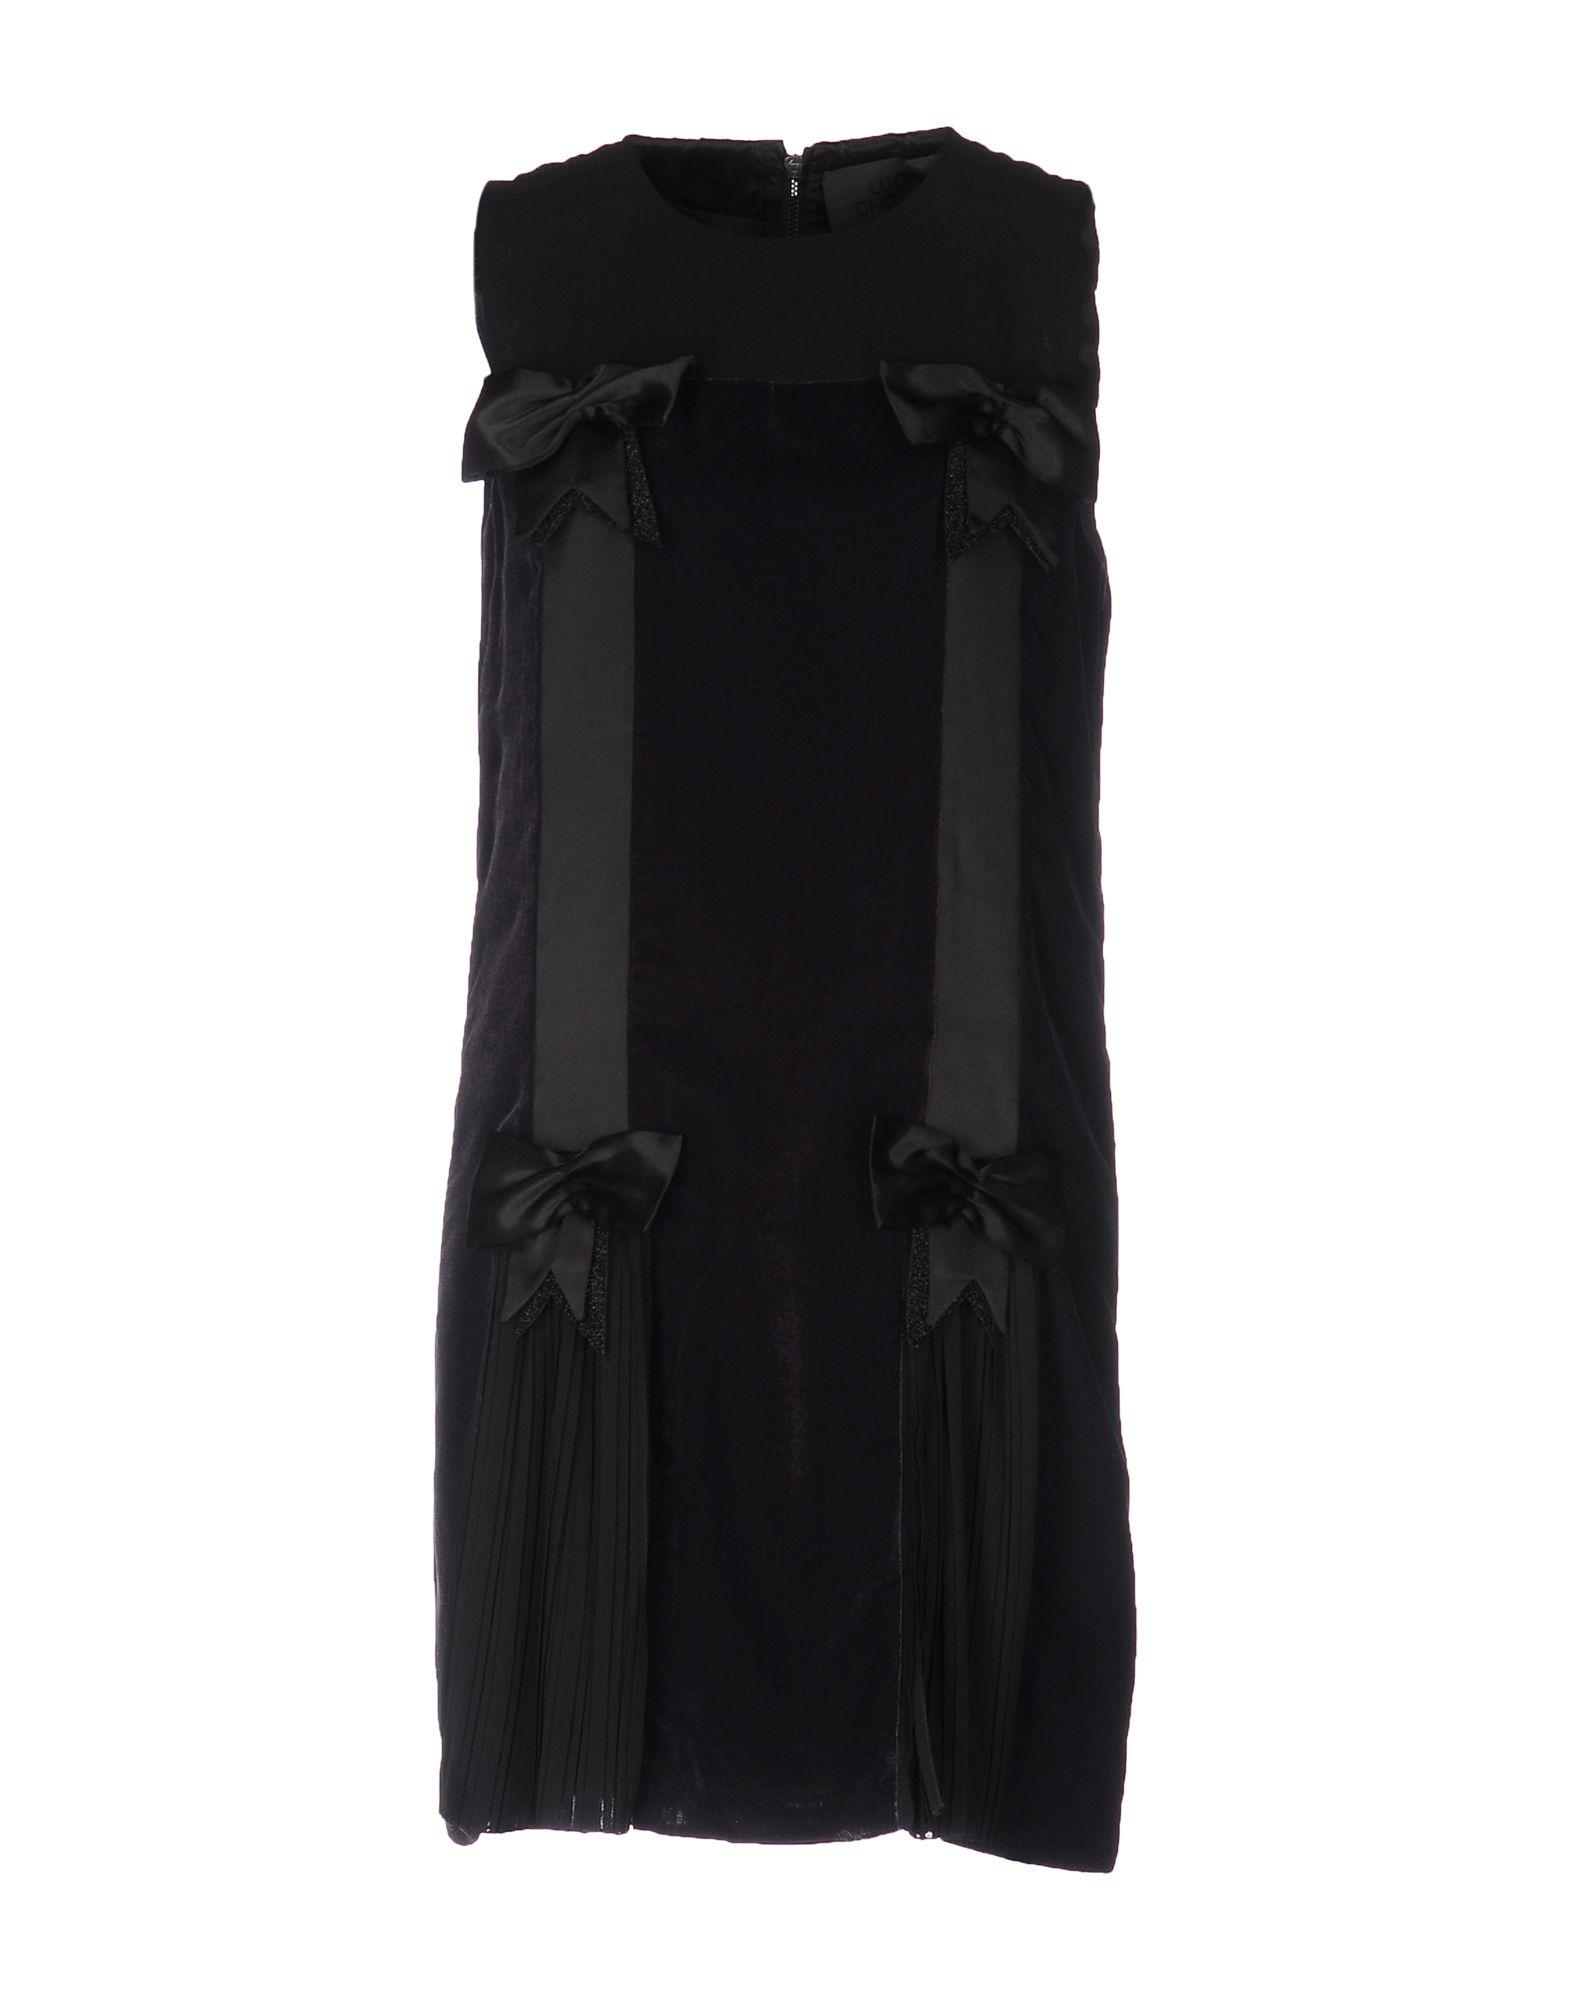 LUCKY CHOUETTE Короткое платье женское платье 21050